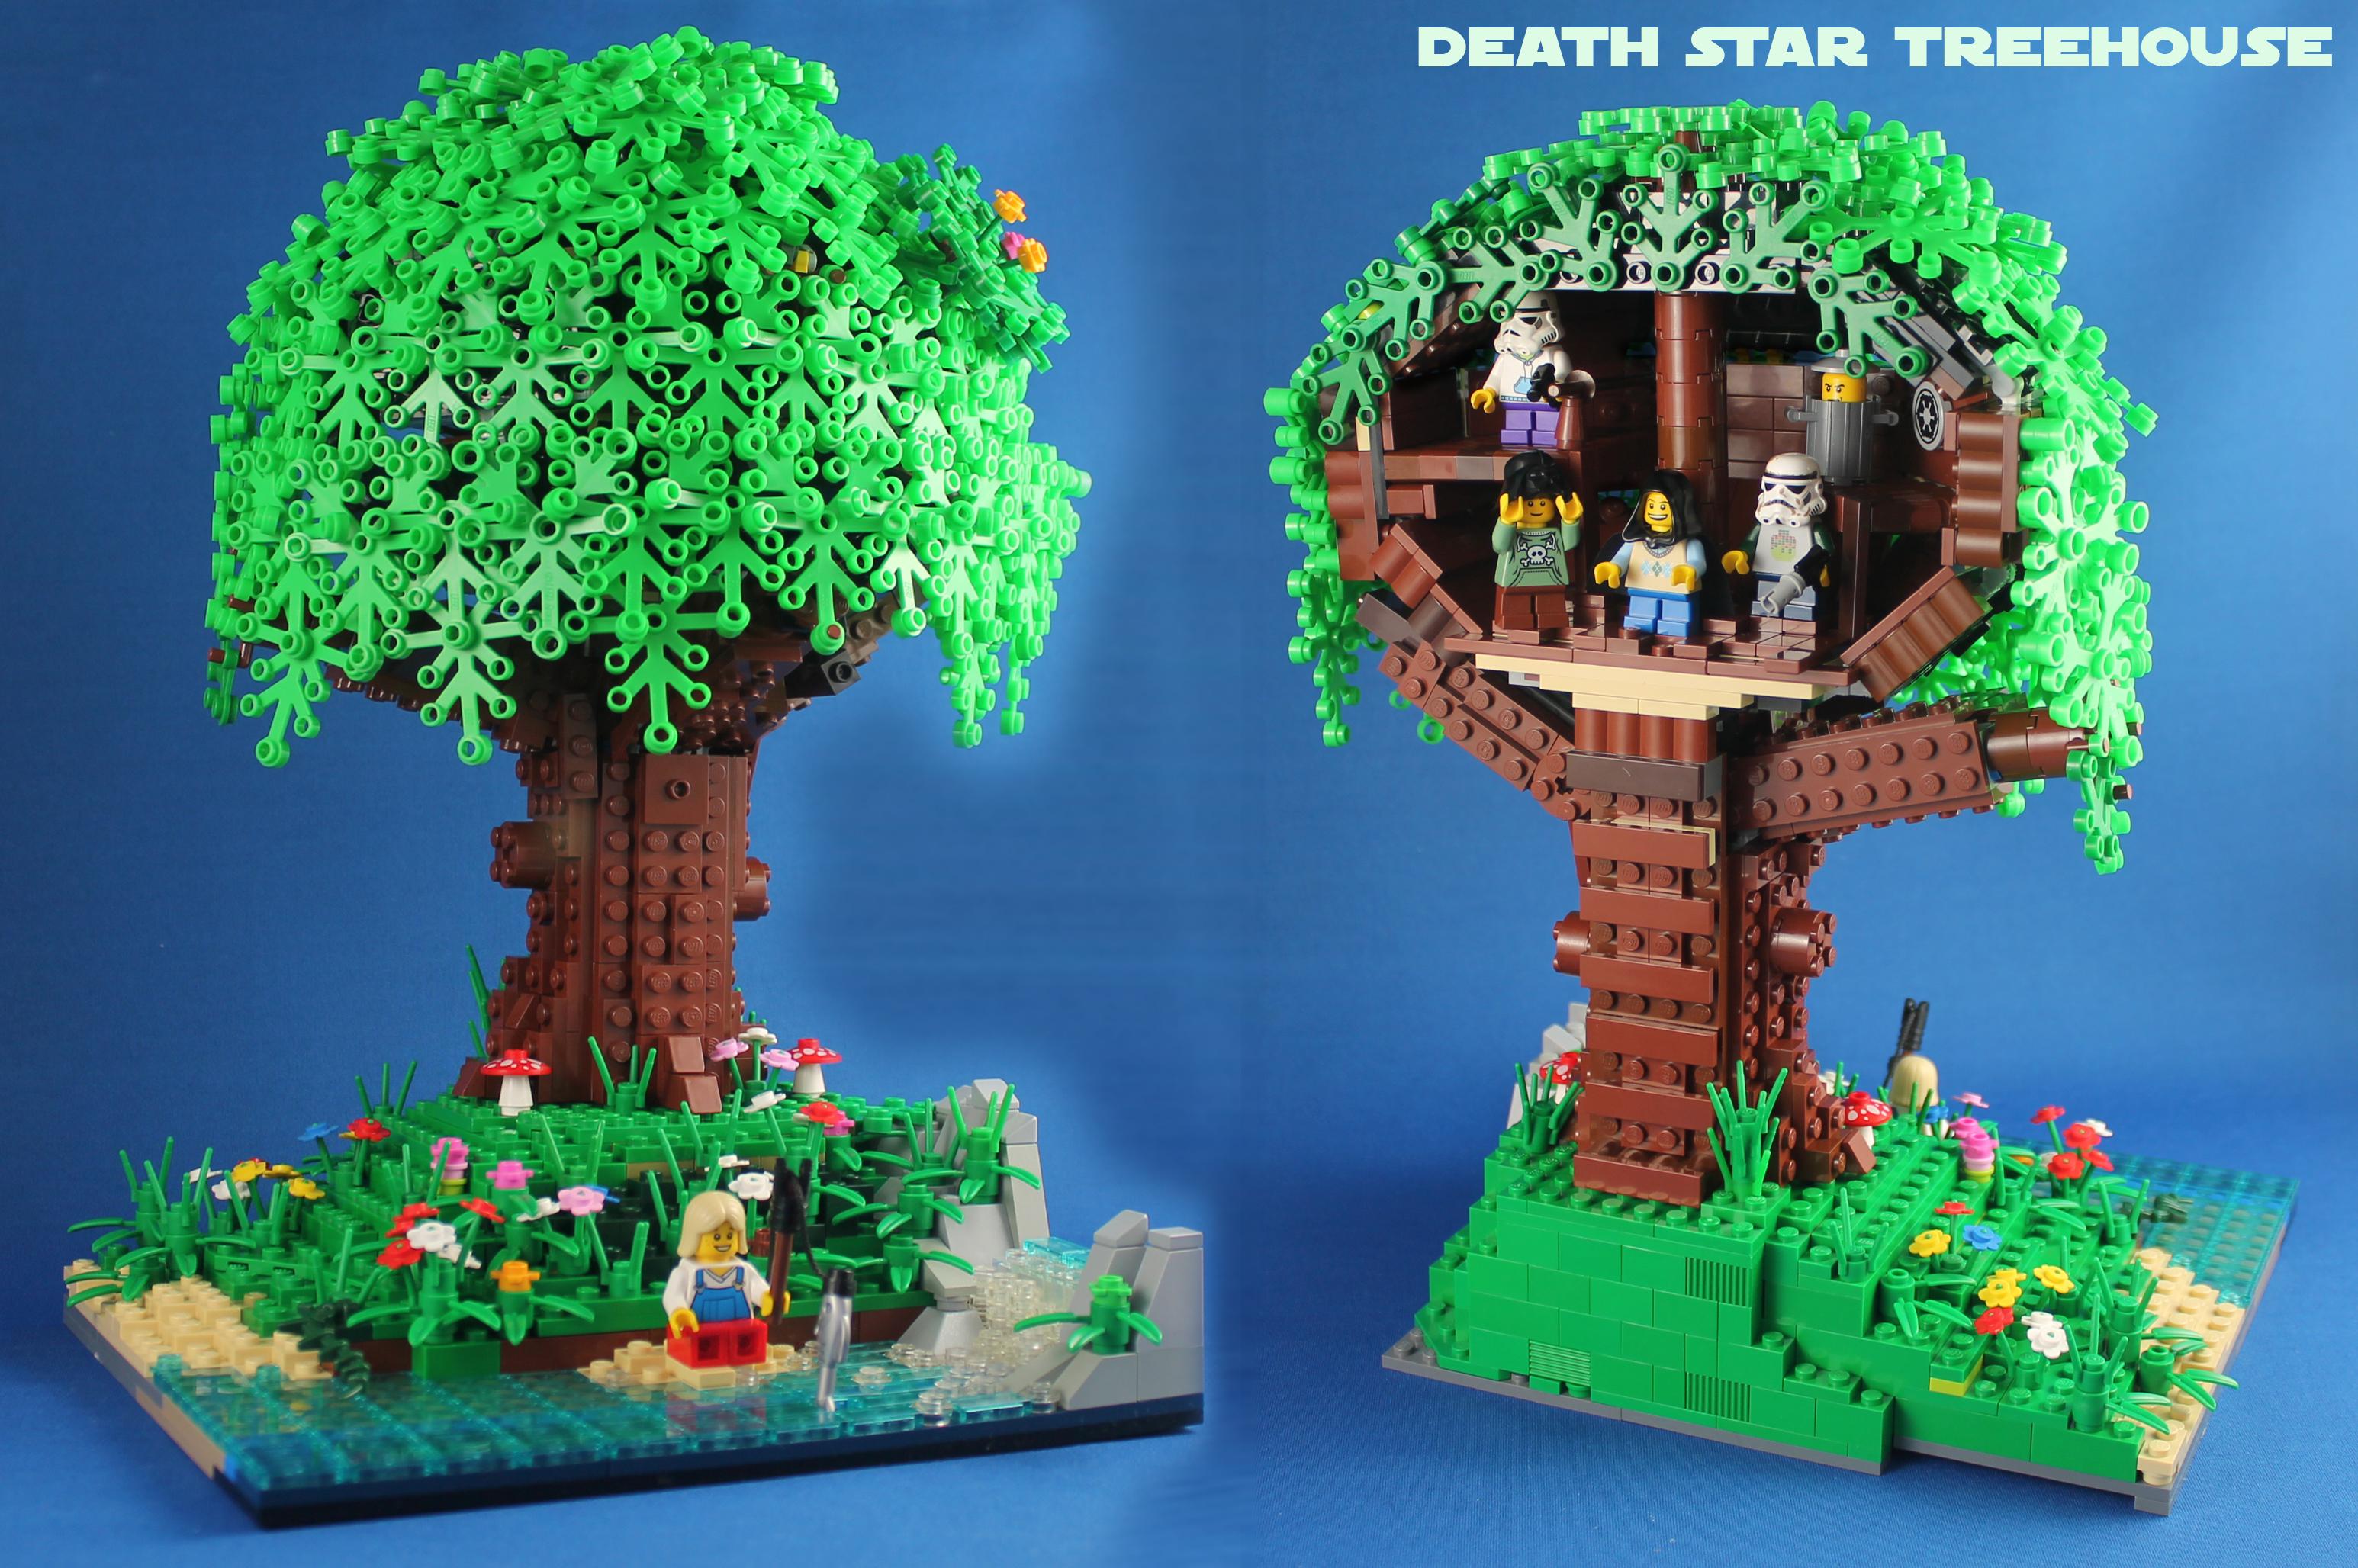 Rørig Baggrunde : LEGO, moc, stjerne, krige, død, træ, blad, vævning BP-67